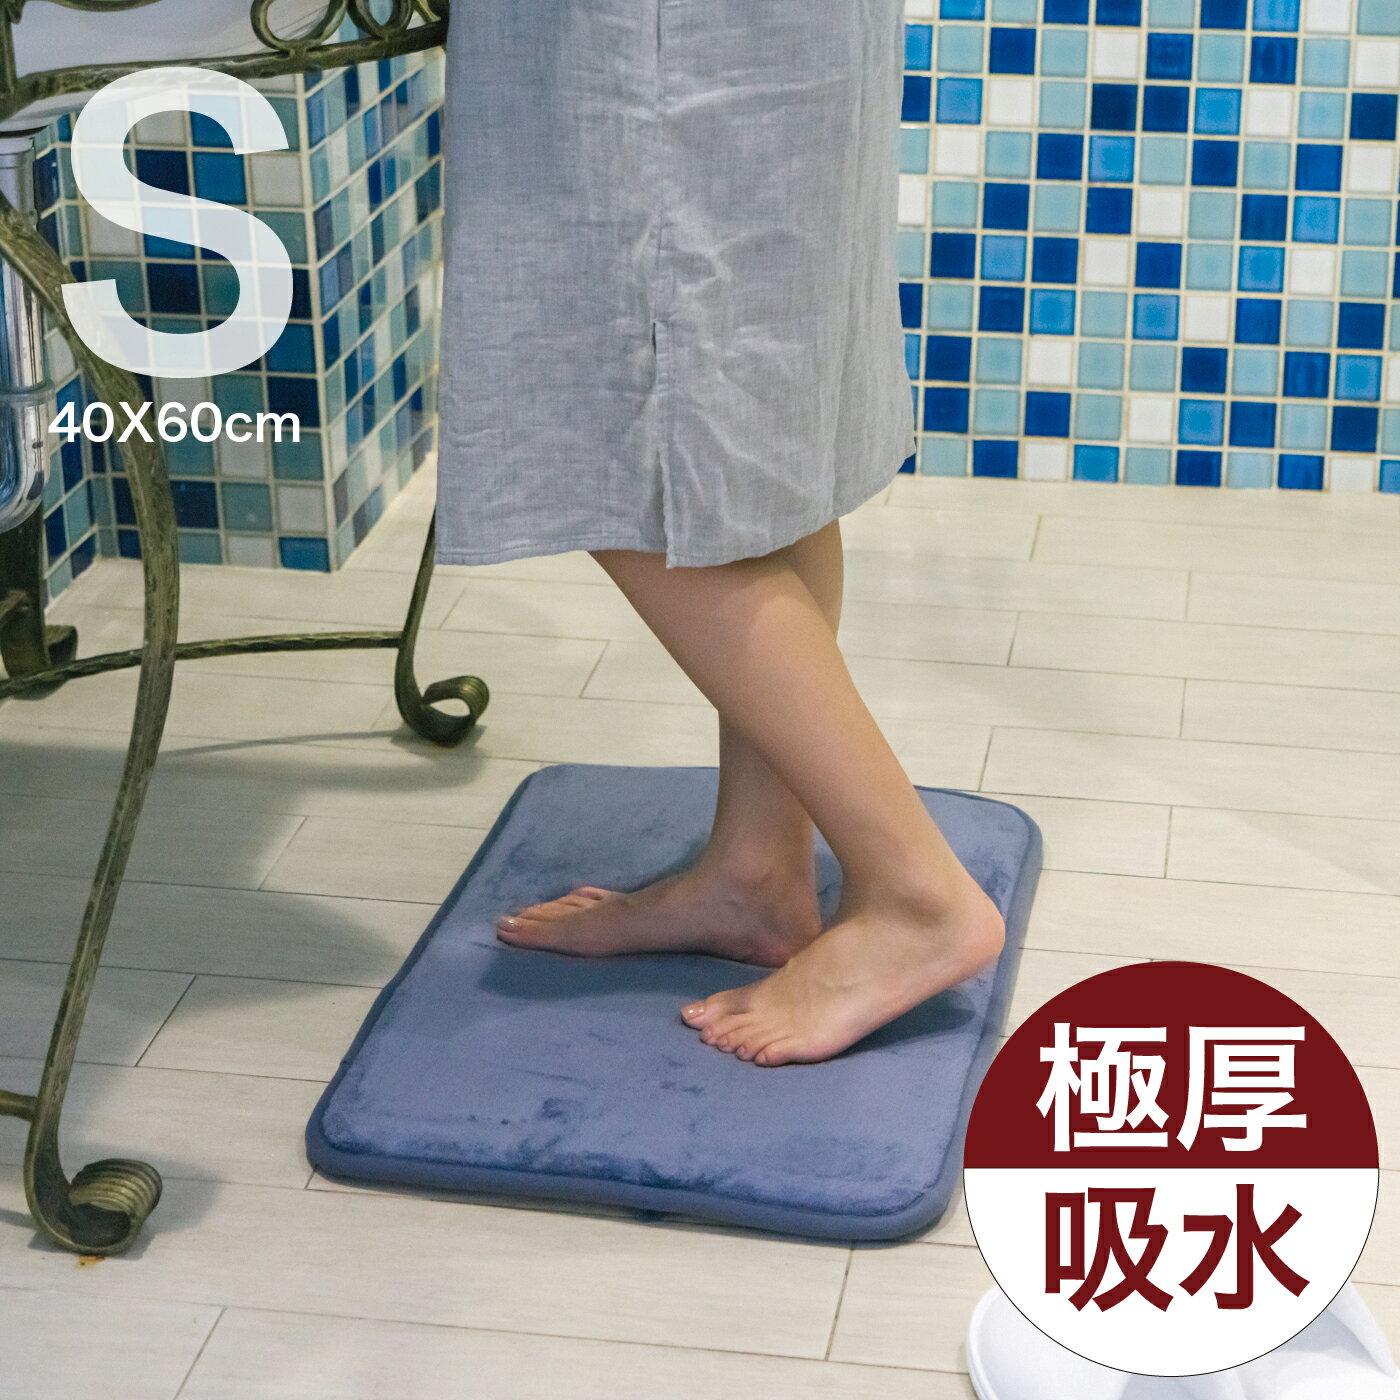 TENDERCARE 衛浴門口地墊【九色】纖柔釋壓;低反發記憶棉;40X60X2CM;抗菌防滑;翔仔居家